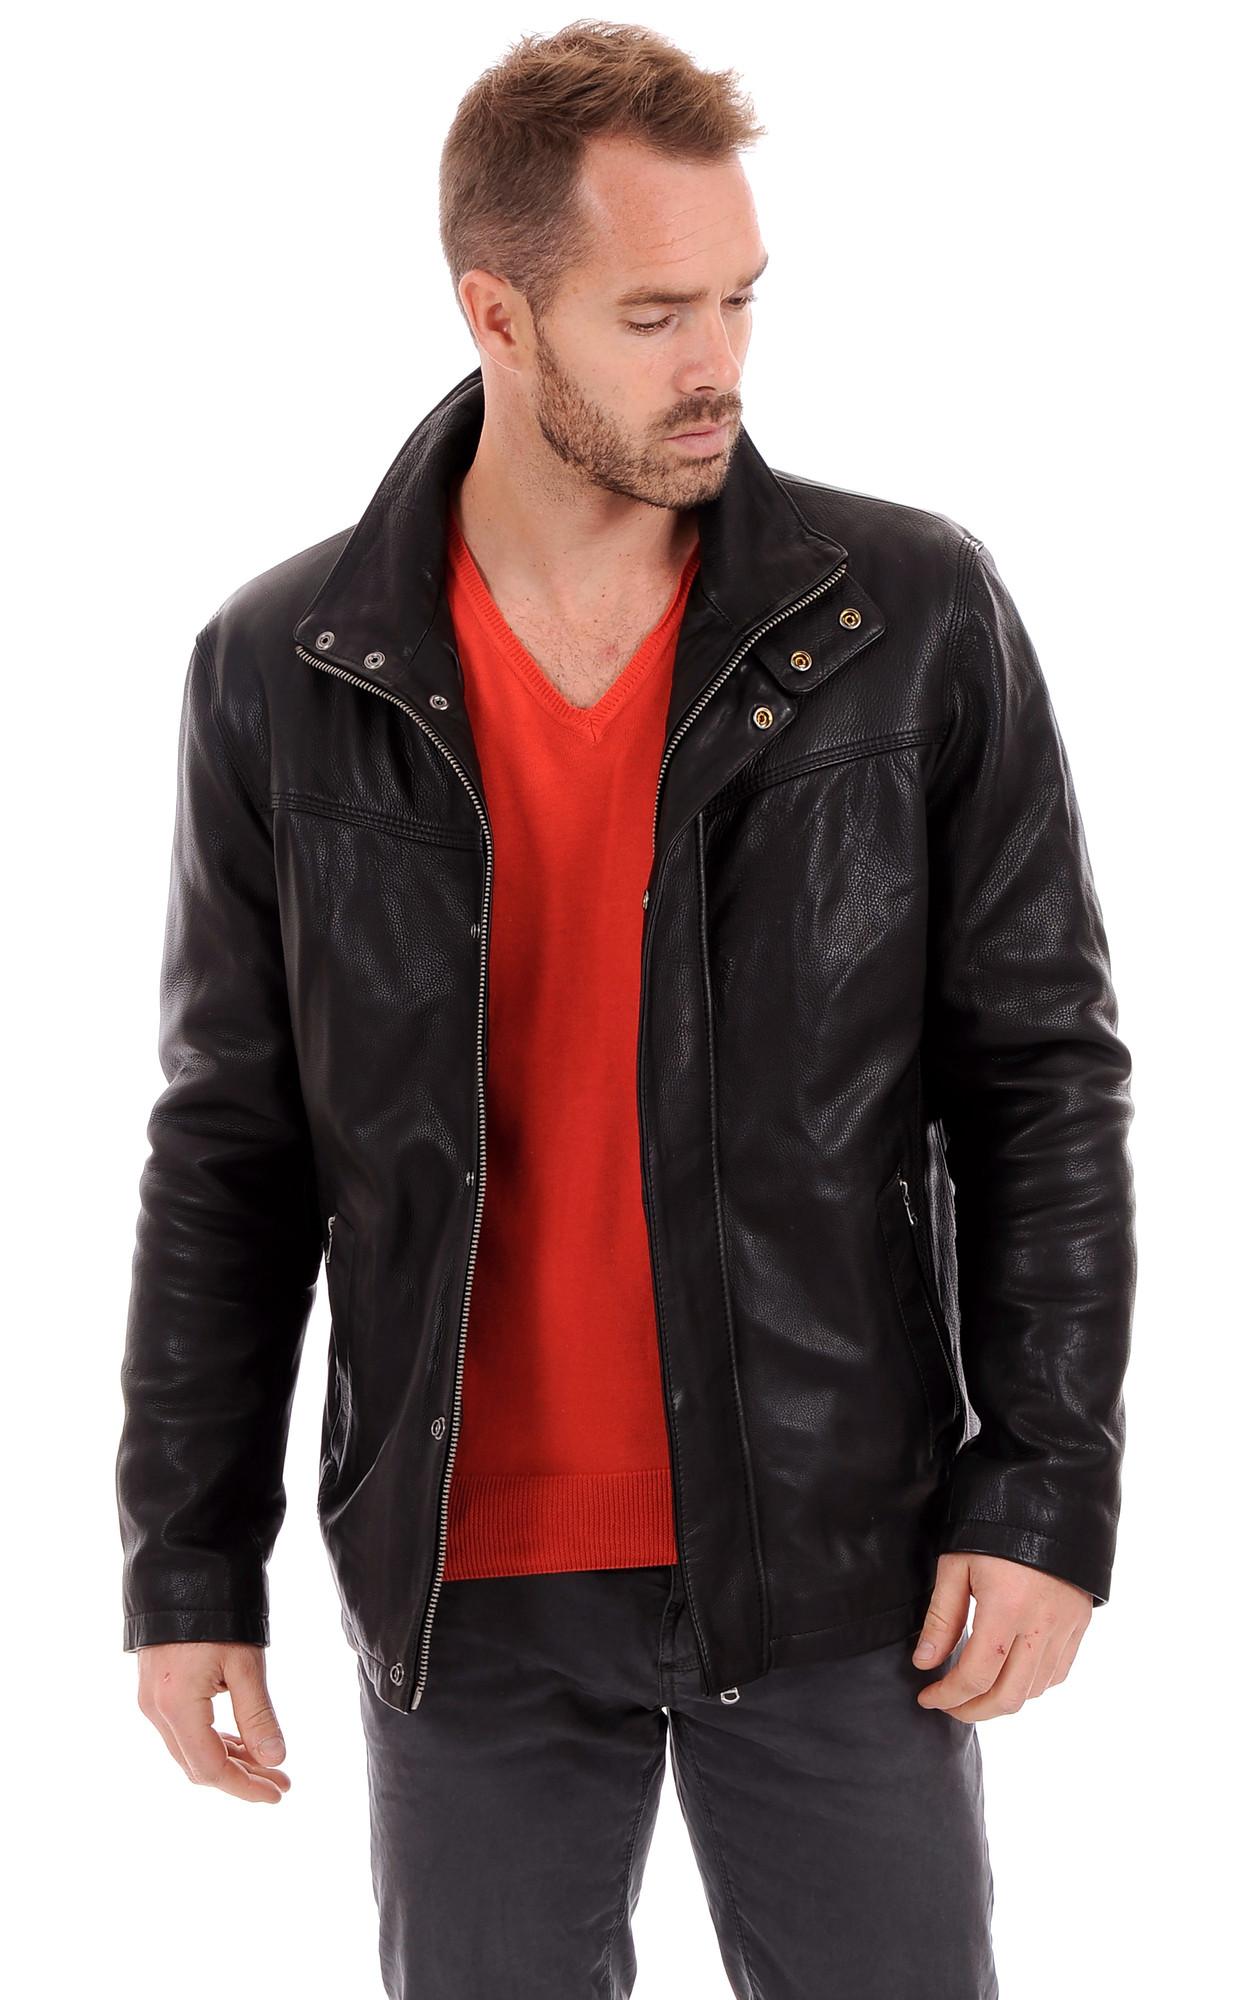 Veste courte cuir noir